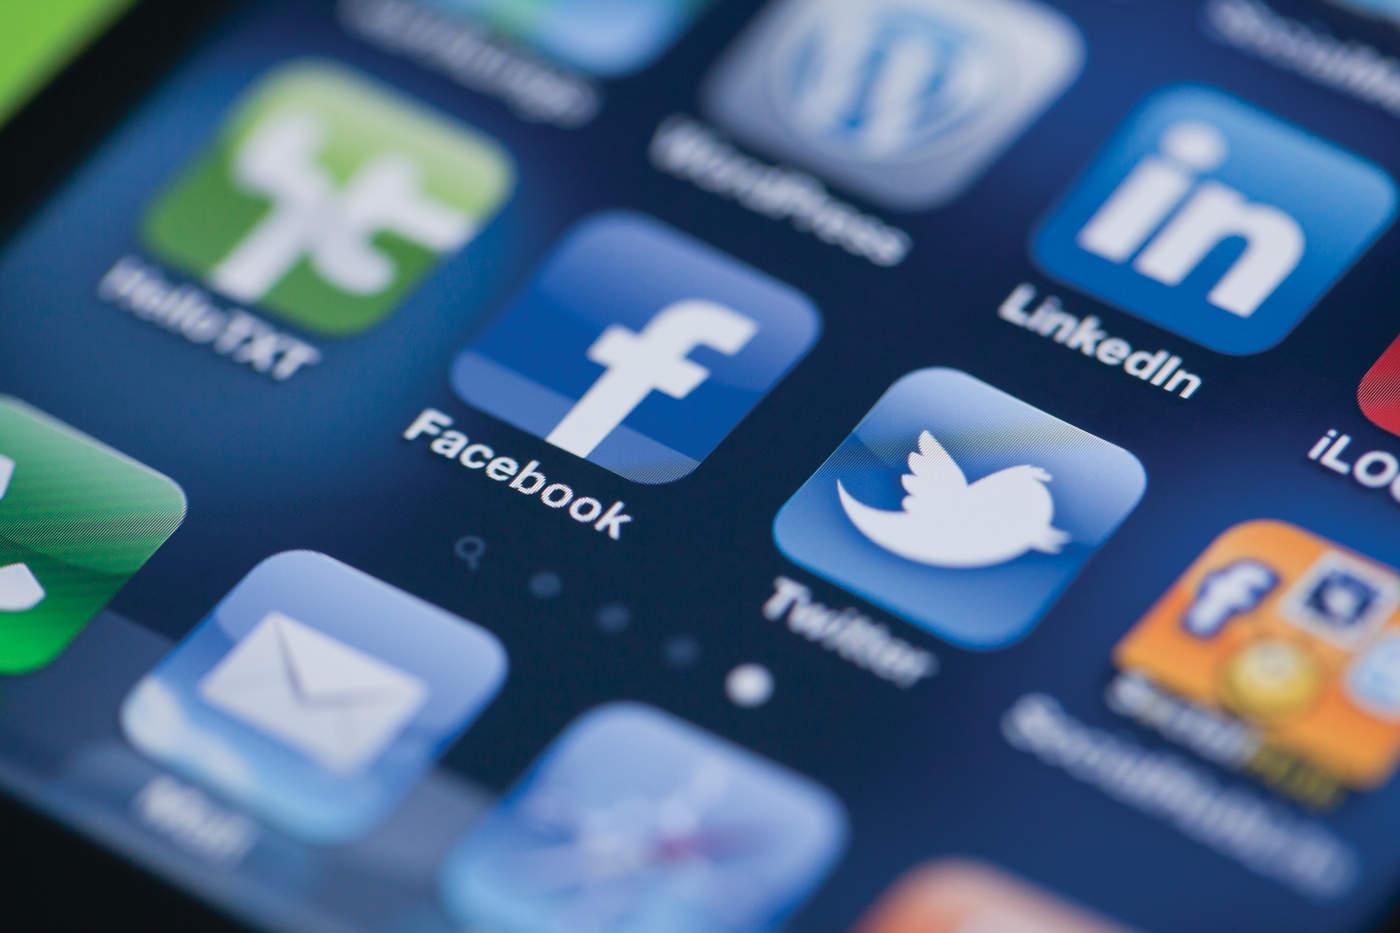 Con relación al proceso psicológico de los jóvenes, destacó que las redes sociales les ayudan a crear un sentido de pertenencia, pues está considerado como un factor importante para su etapa de desarrollo. (ARCHIVO)